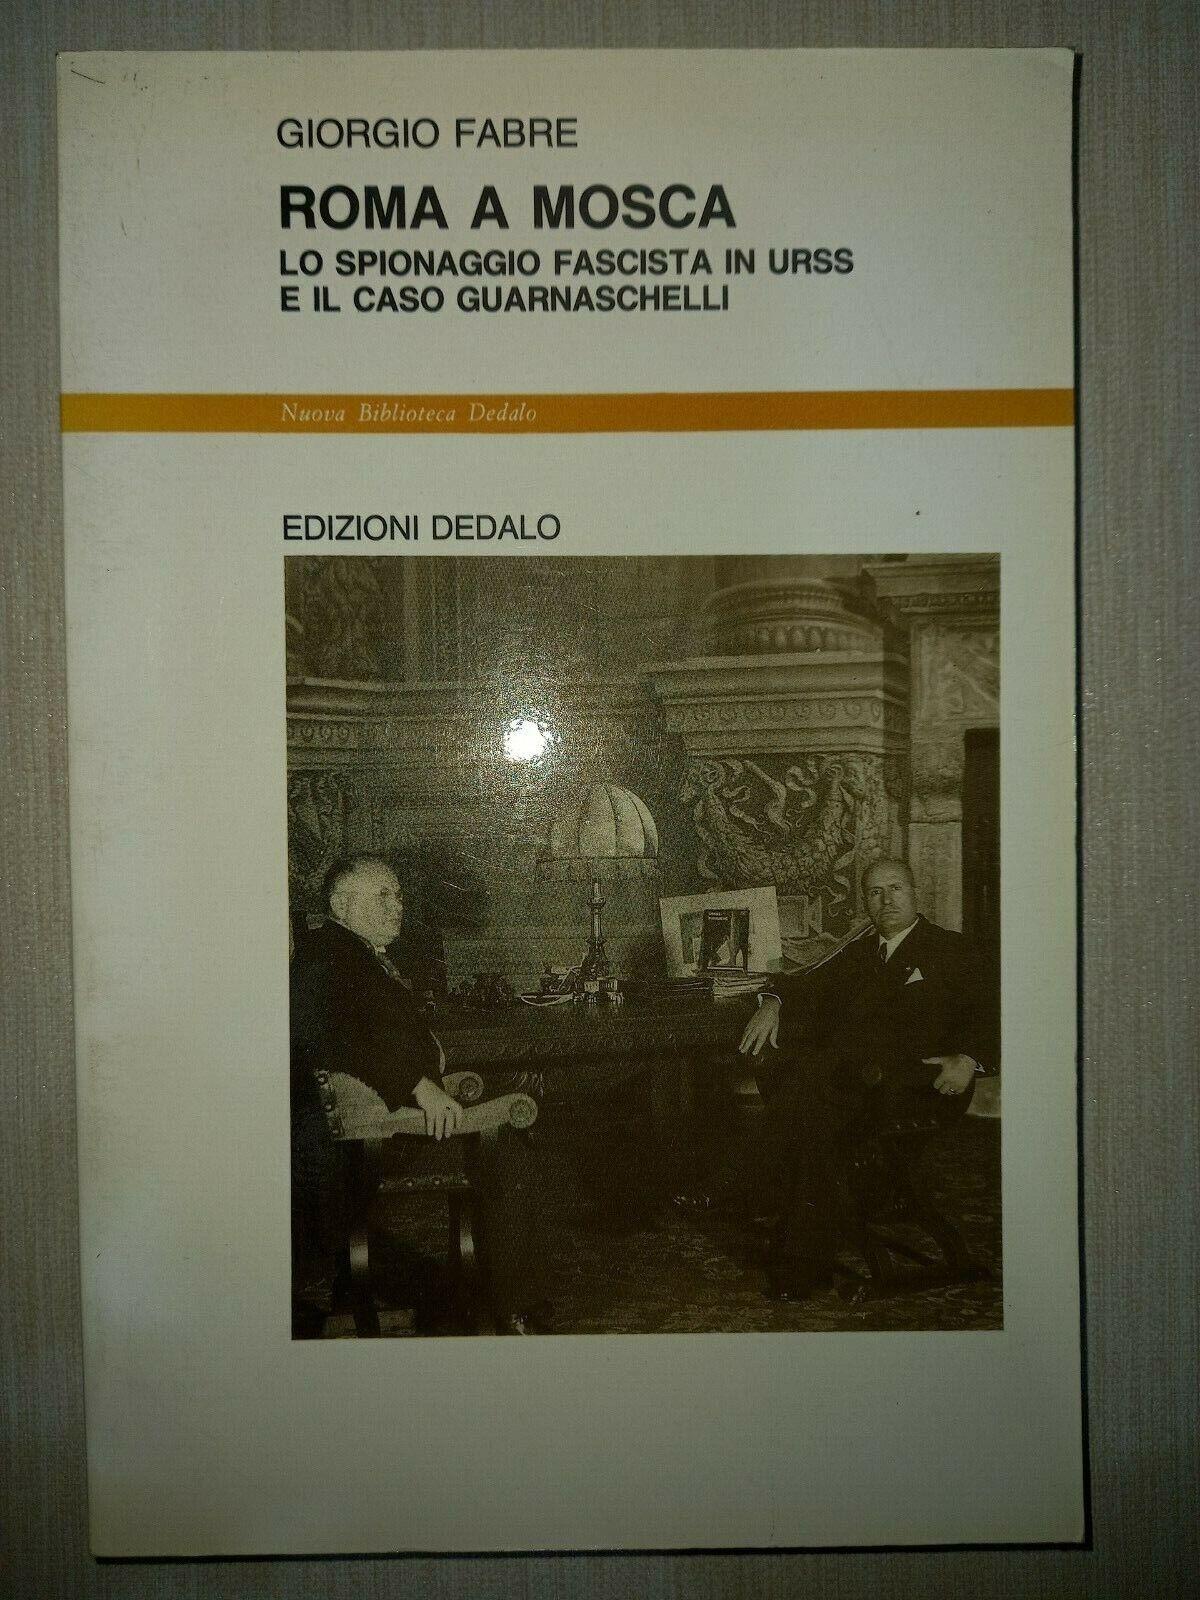 Roma A Mosca - Giorgio Fabre - Edizioni Dedalo - 1990